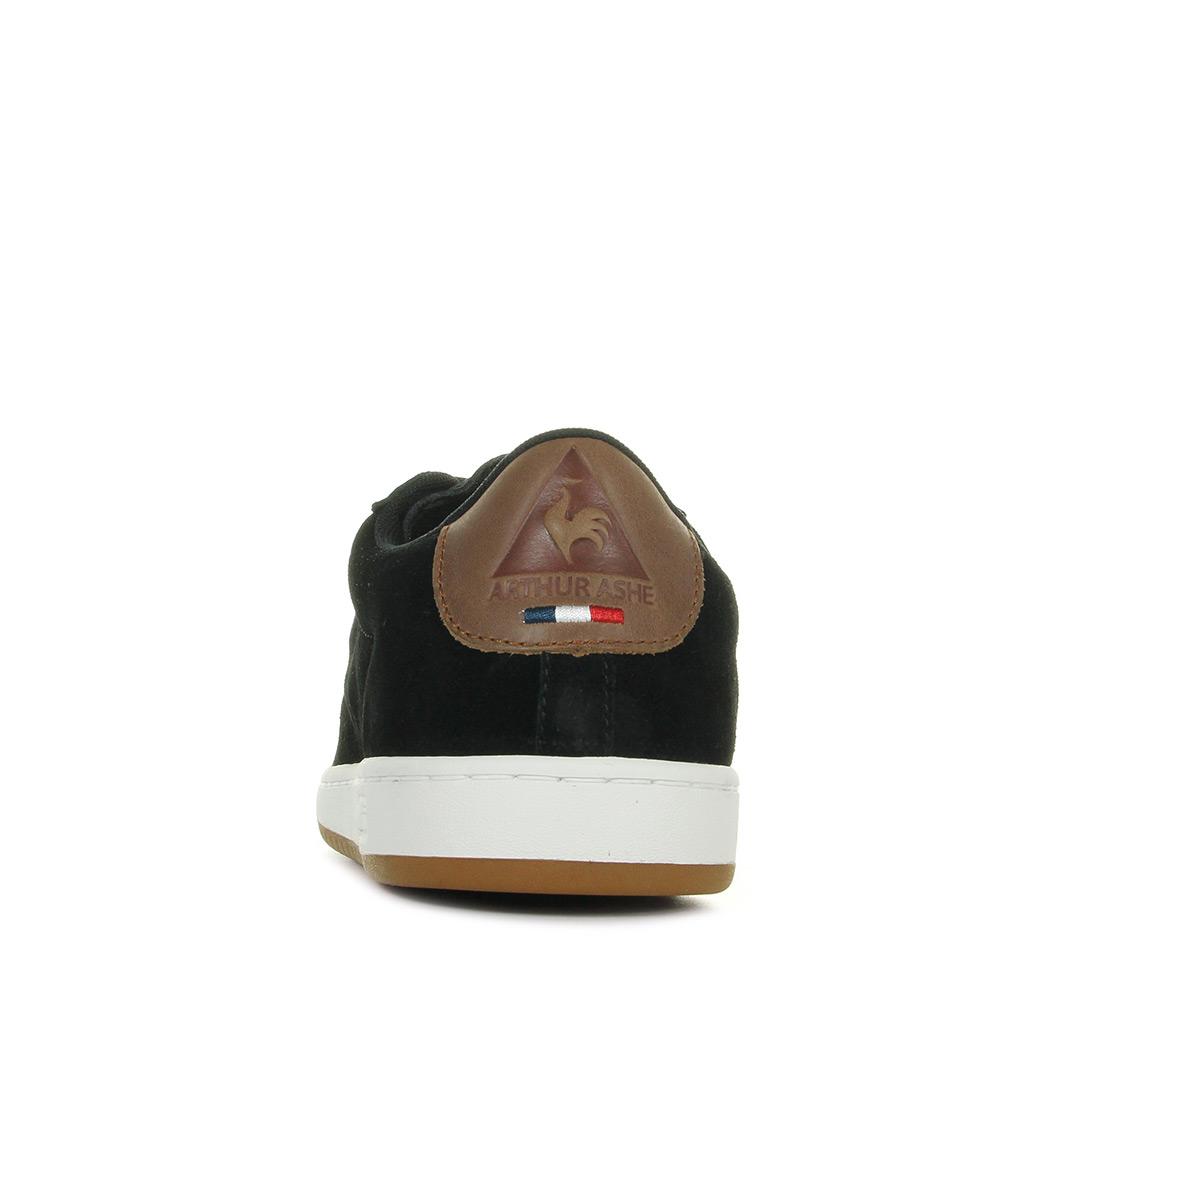 Le Coq Sportif Arthur Ashe Suede Black Cognac 1720917, Baskets mode homme